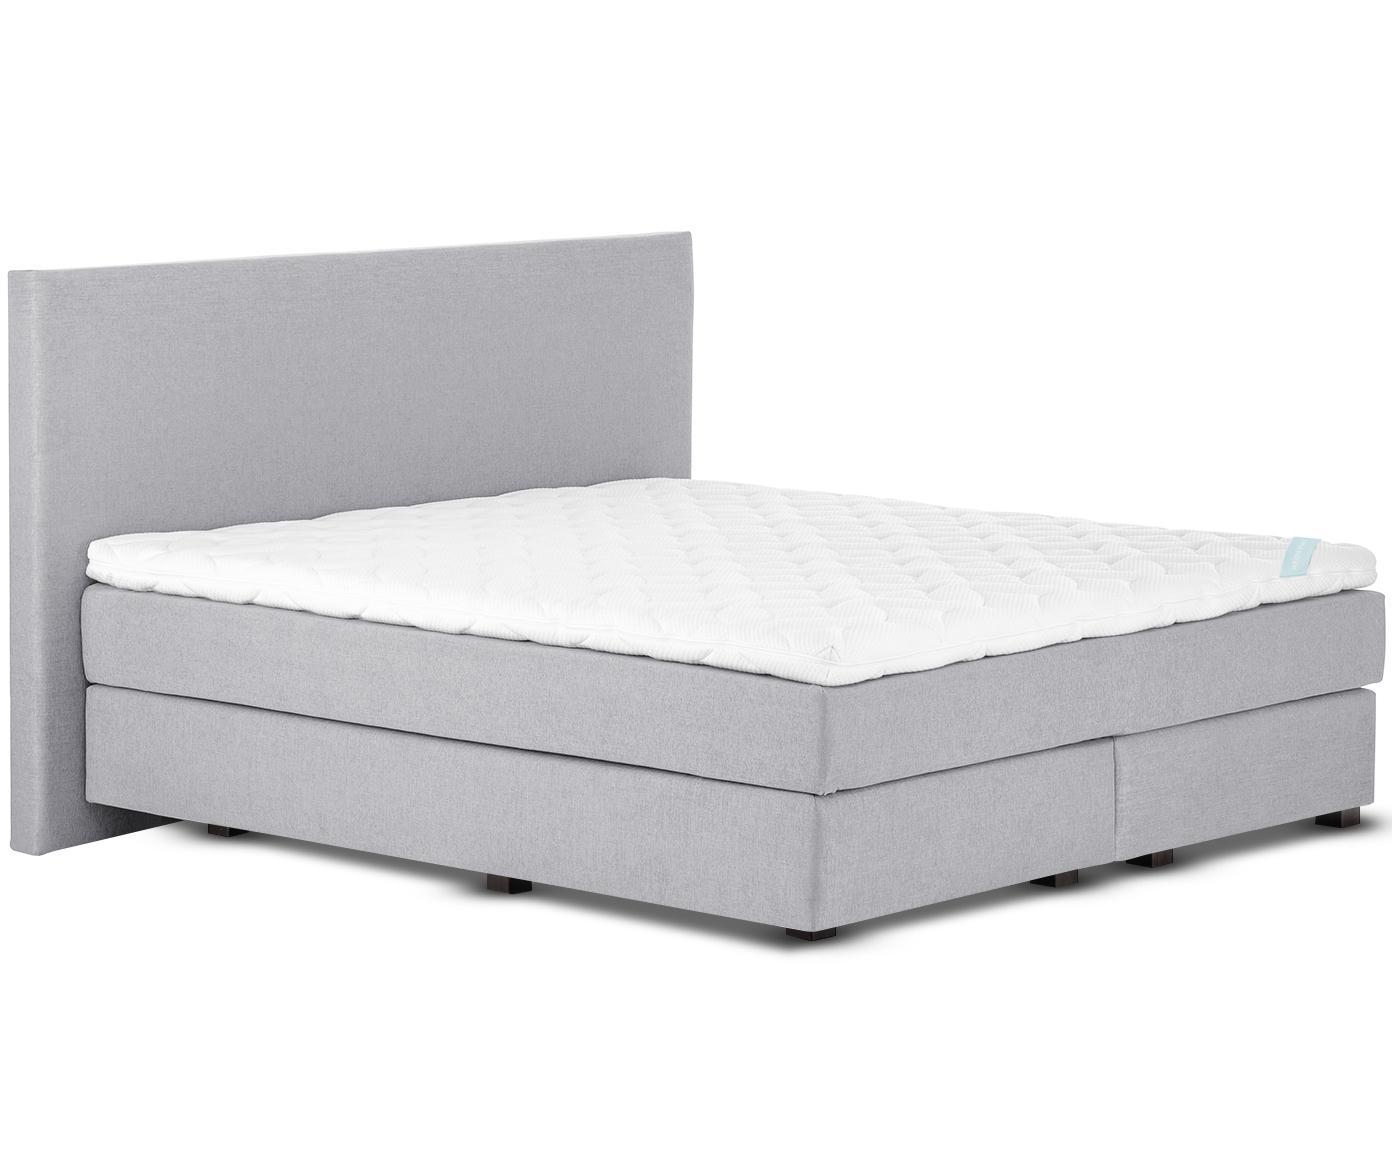 Łóżko kontynentalne premium Eliza, Nogi: lite drewno bukowe, lakie, Szary, 140 x 200 cm